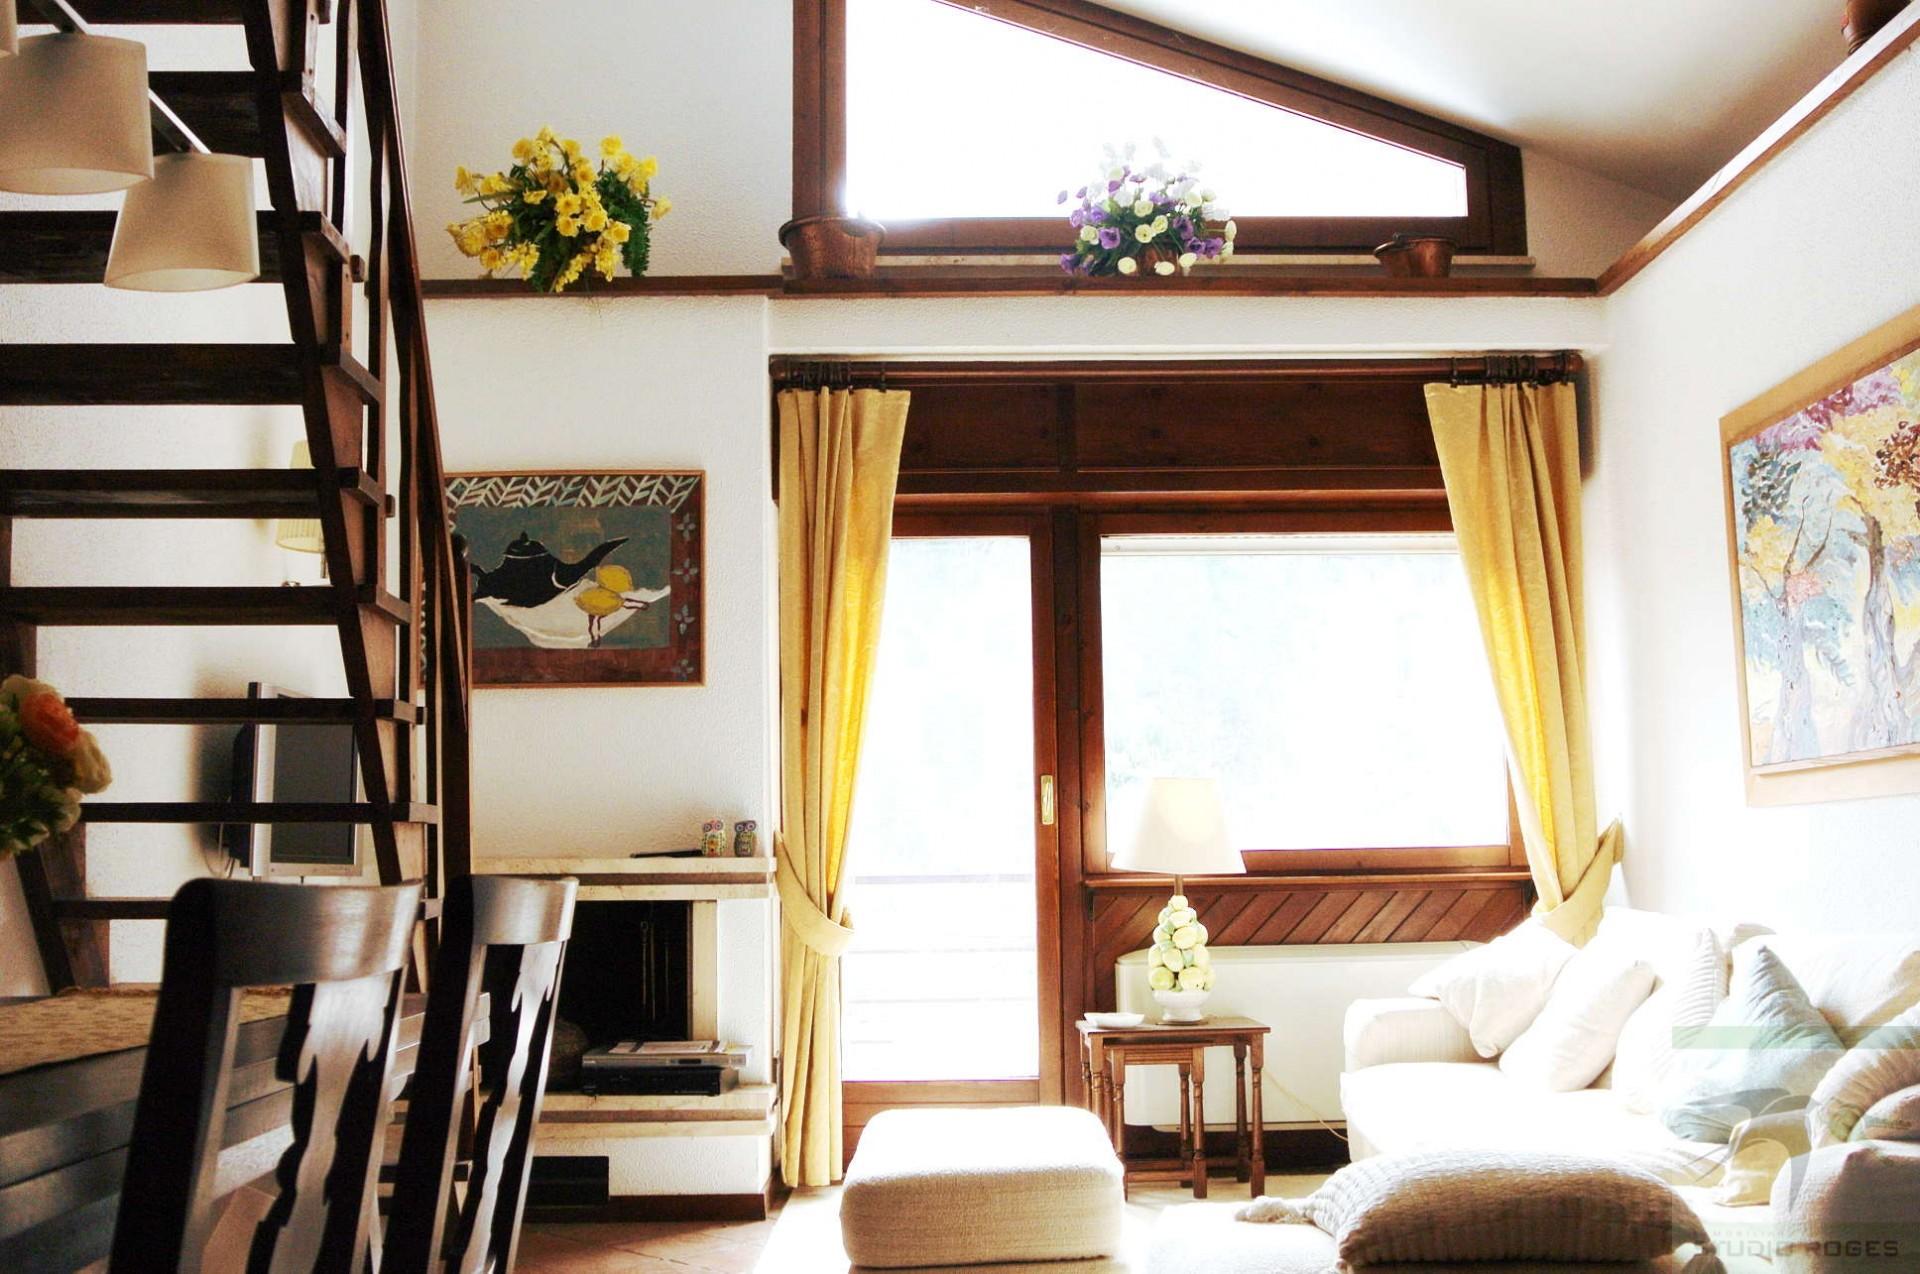 Appartamento in Vendita 112,96 mq - N. camere: 3 - - Sila - Camigliatello Silano (CS)